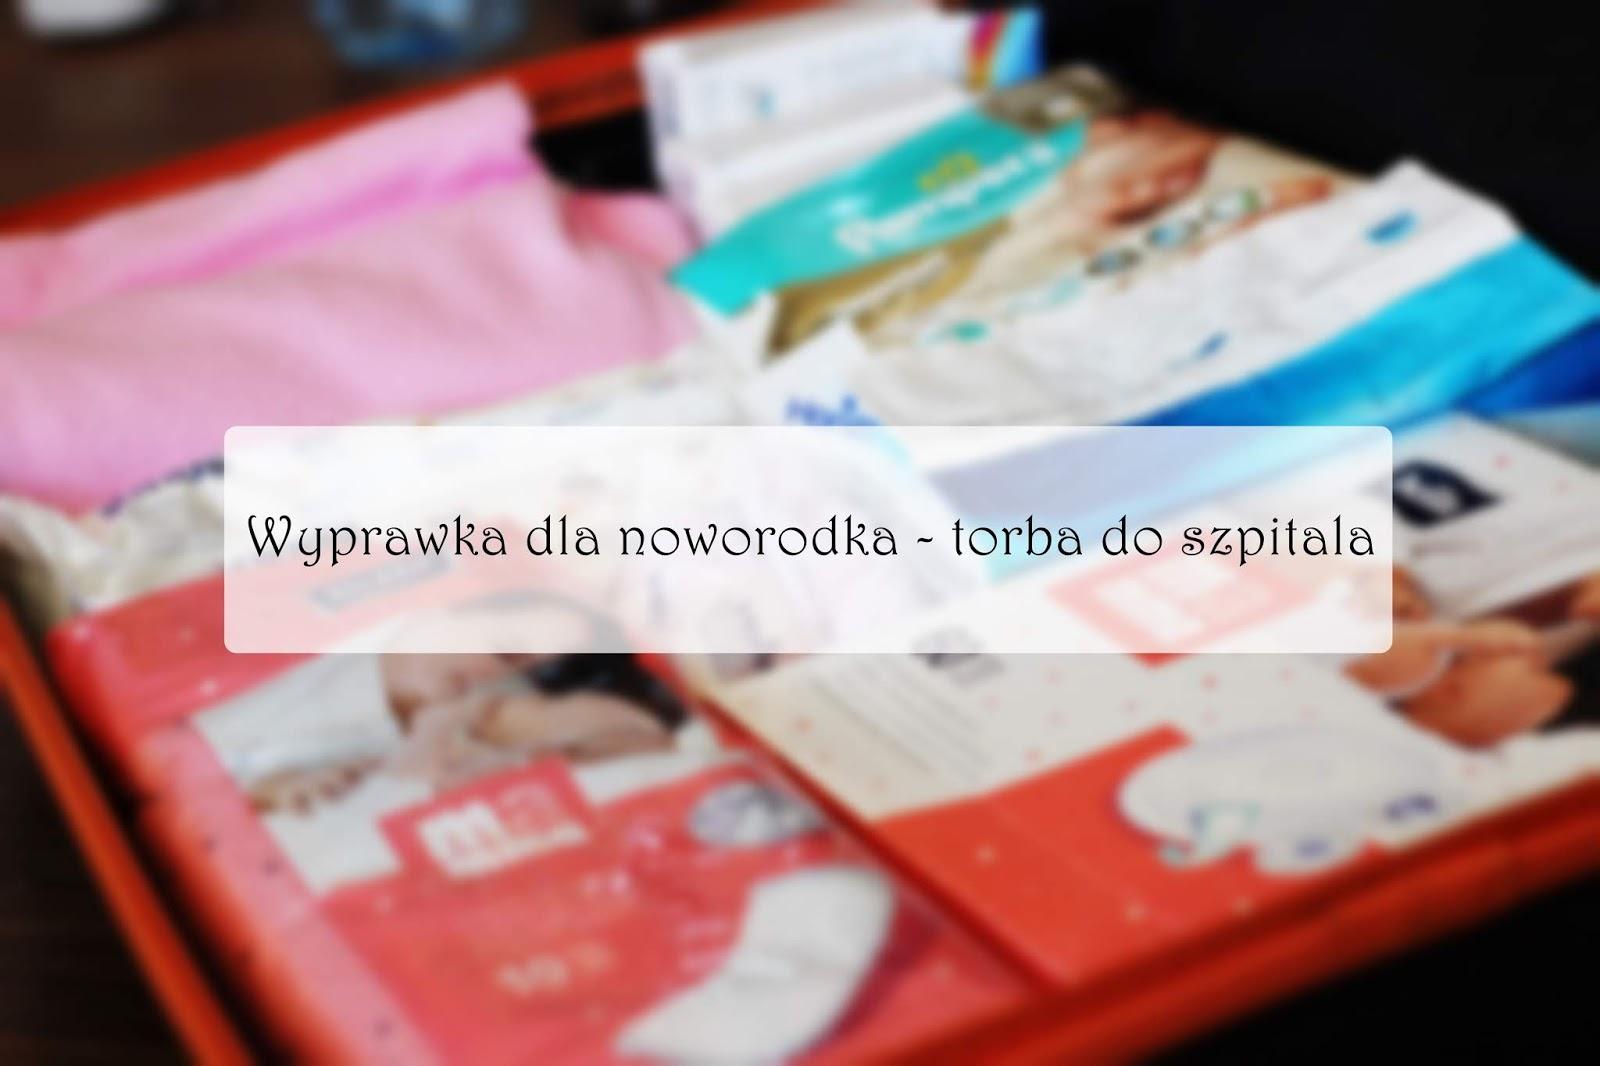 Wyprawka dla noworodka - torba do szpitala. Rzeczy potrzebne mamie i maluszkowi